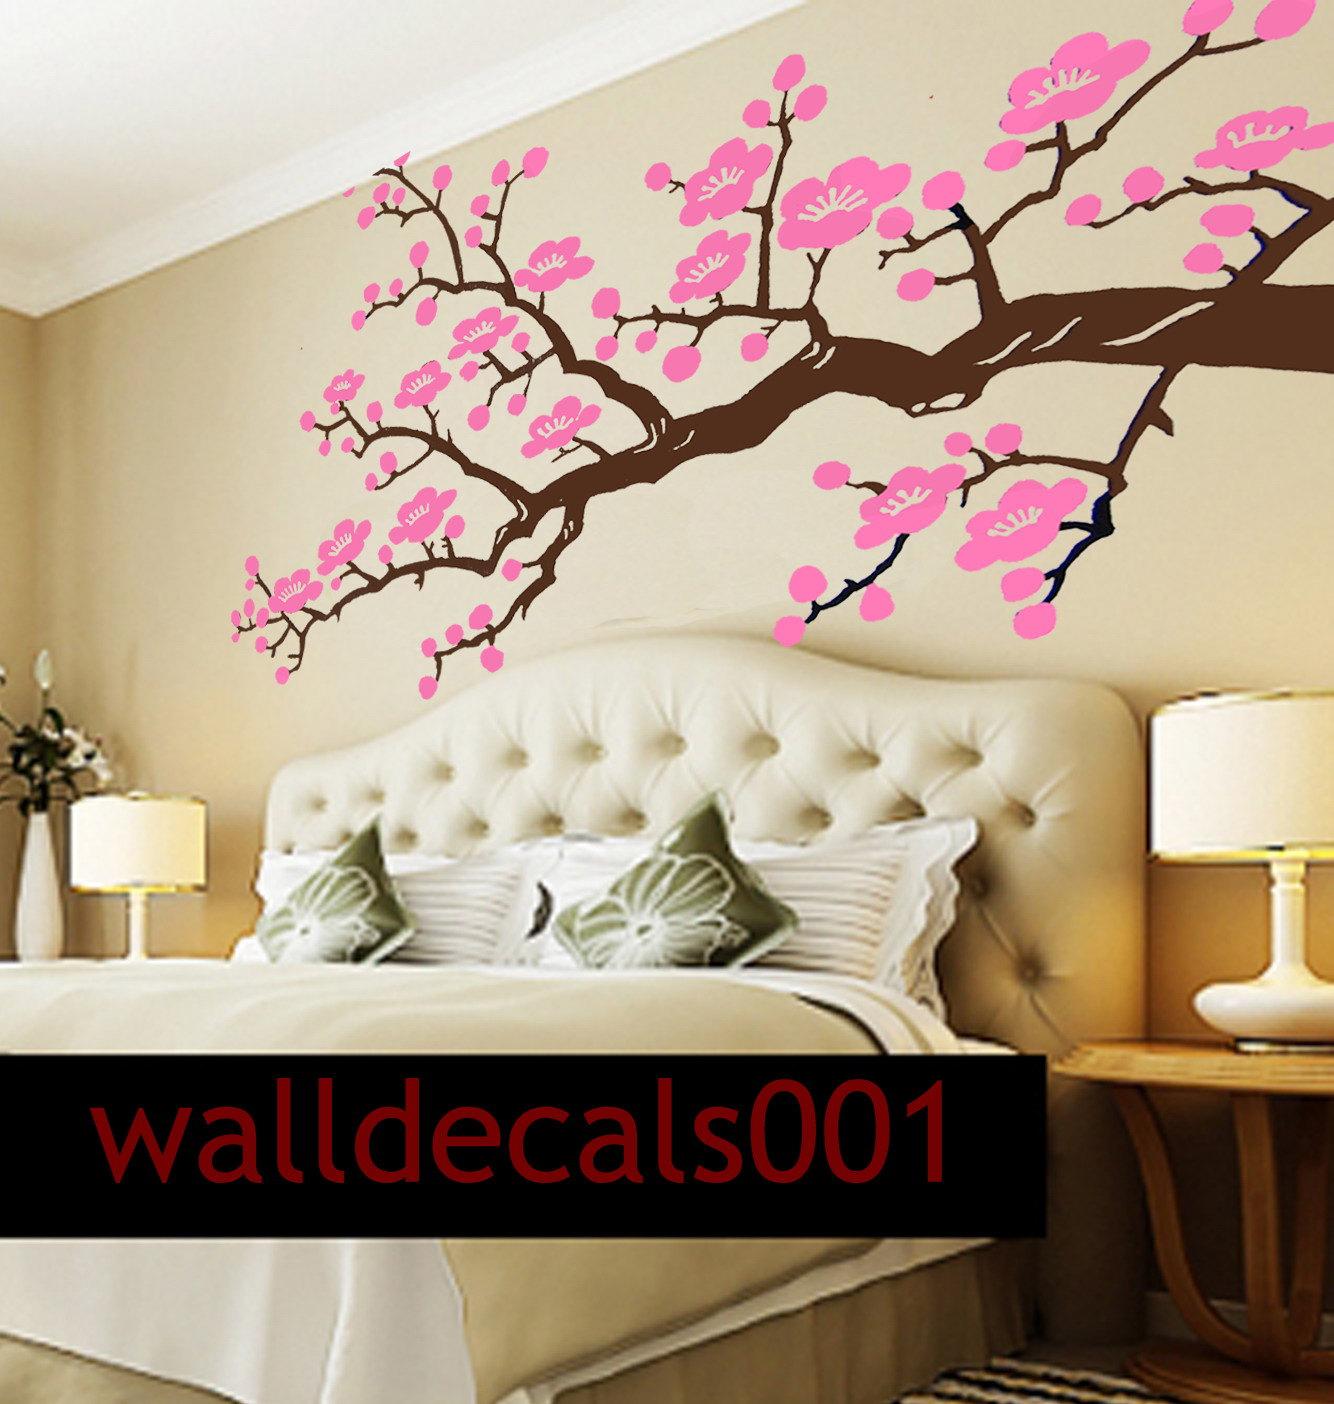 http://4.bp.blogspot.com/-f1XvUR6Qucs/Tk3qk2MdBBI/AAAAAAAAArs/HlcVFMtaHfc/s1600/il_fullxfull.255835699.jpg